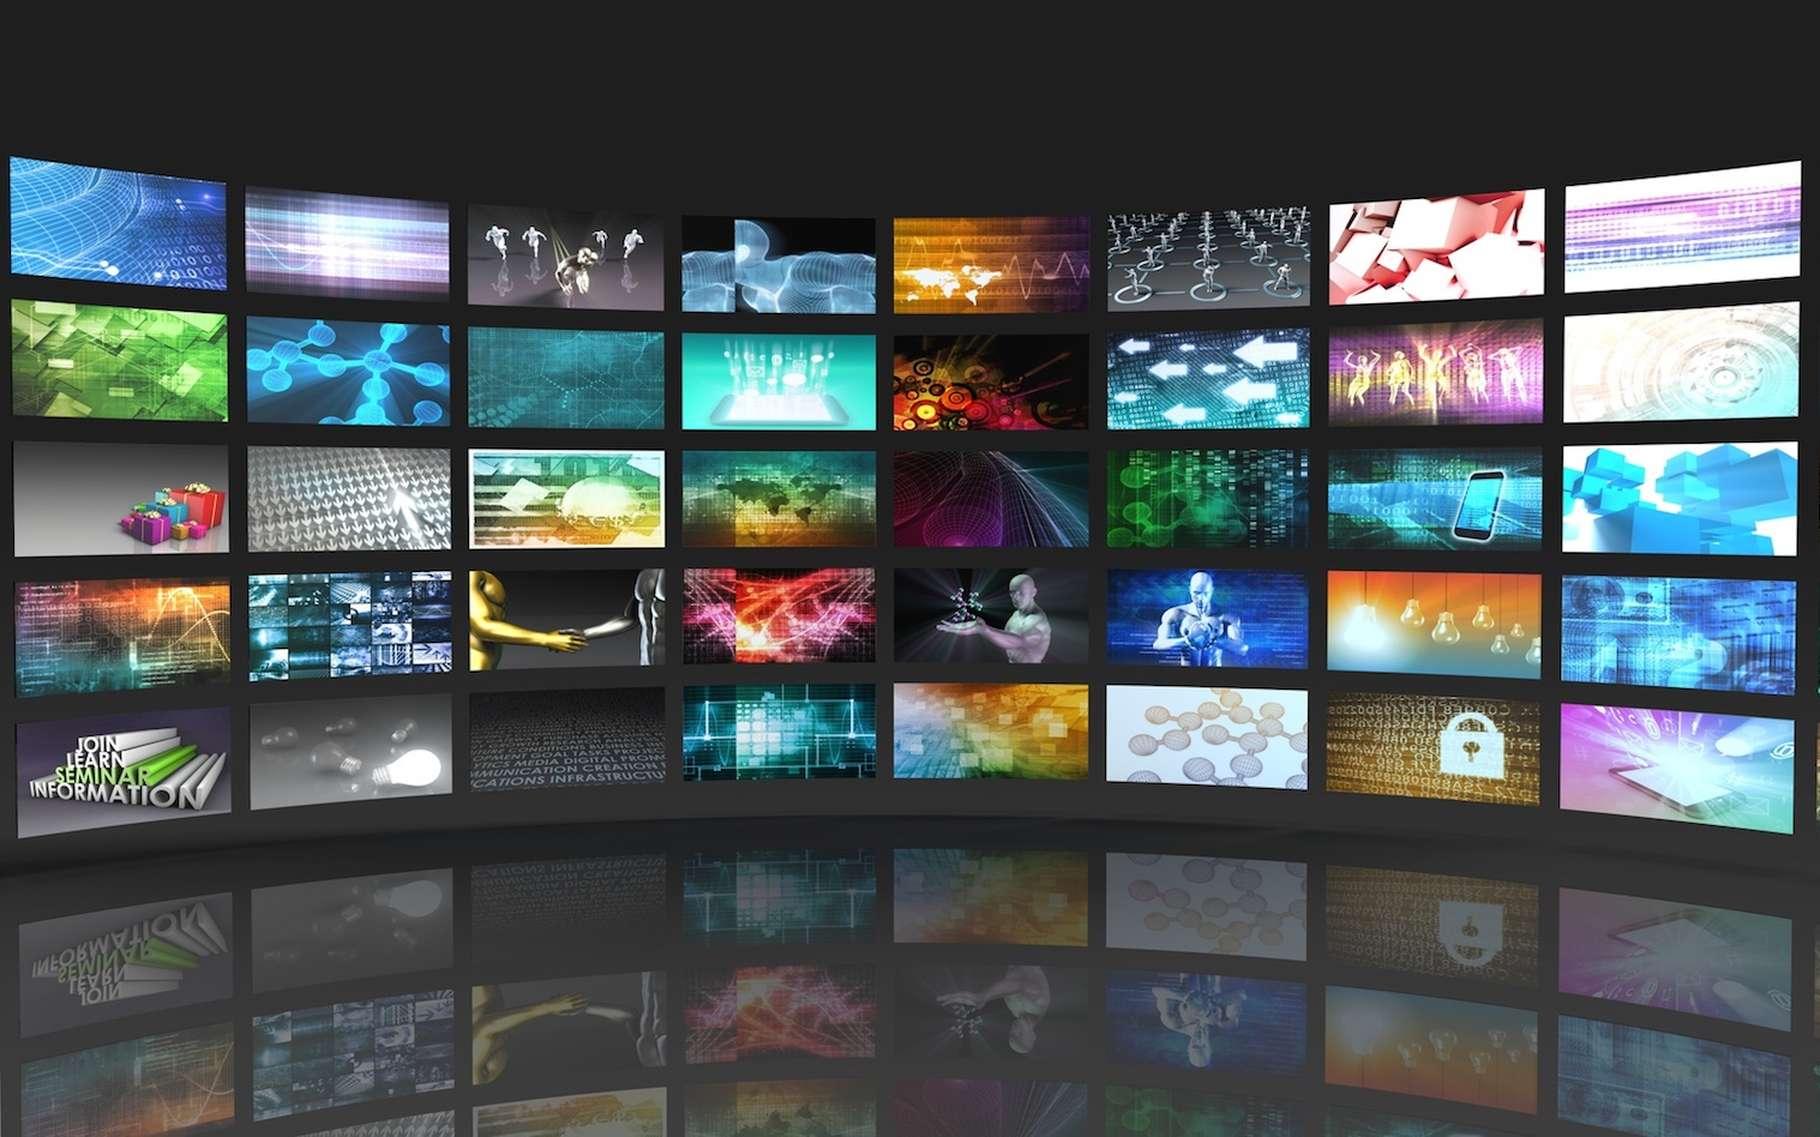 La société Médiamétrie mesure les audiences des télés françaises et plus largement de tous les autres médias. Elle réalise également des études marketing dont le but est de sonder les tendances dans le monde des médias. © kentoh, Fotolia